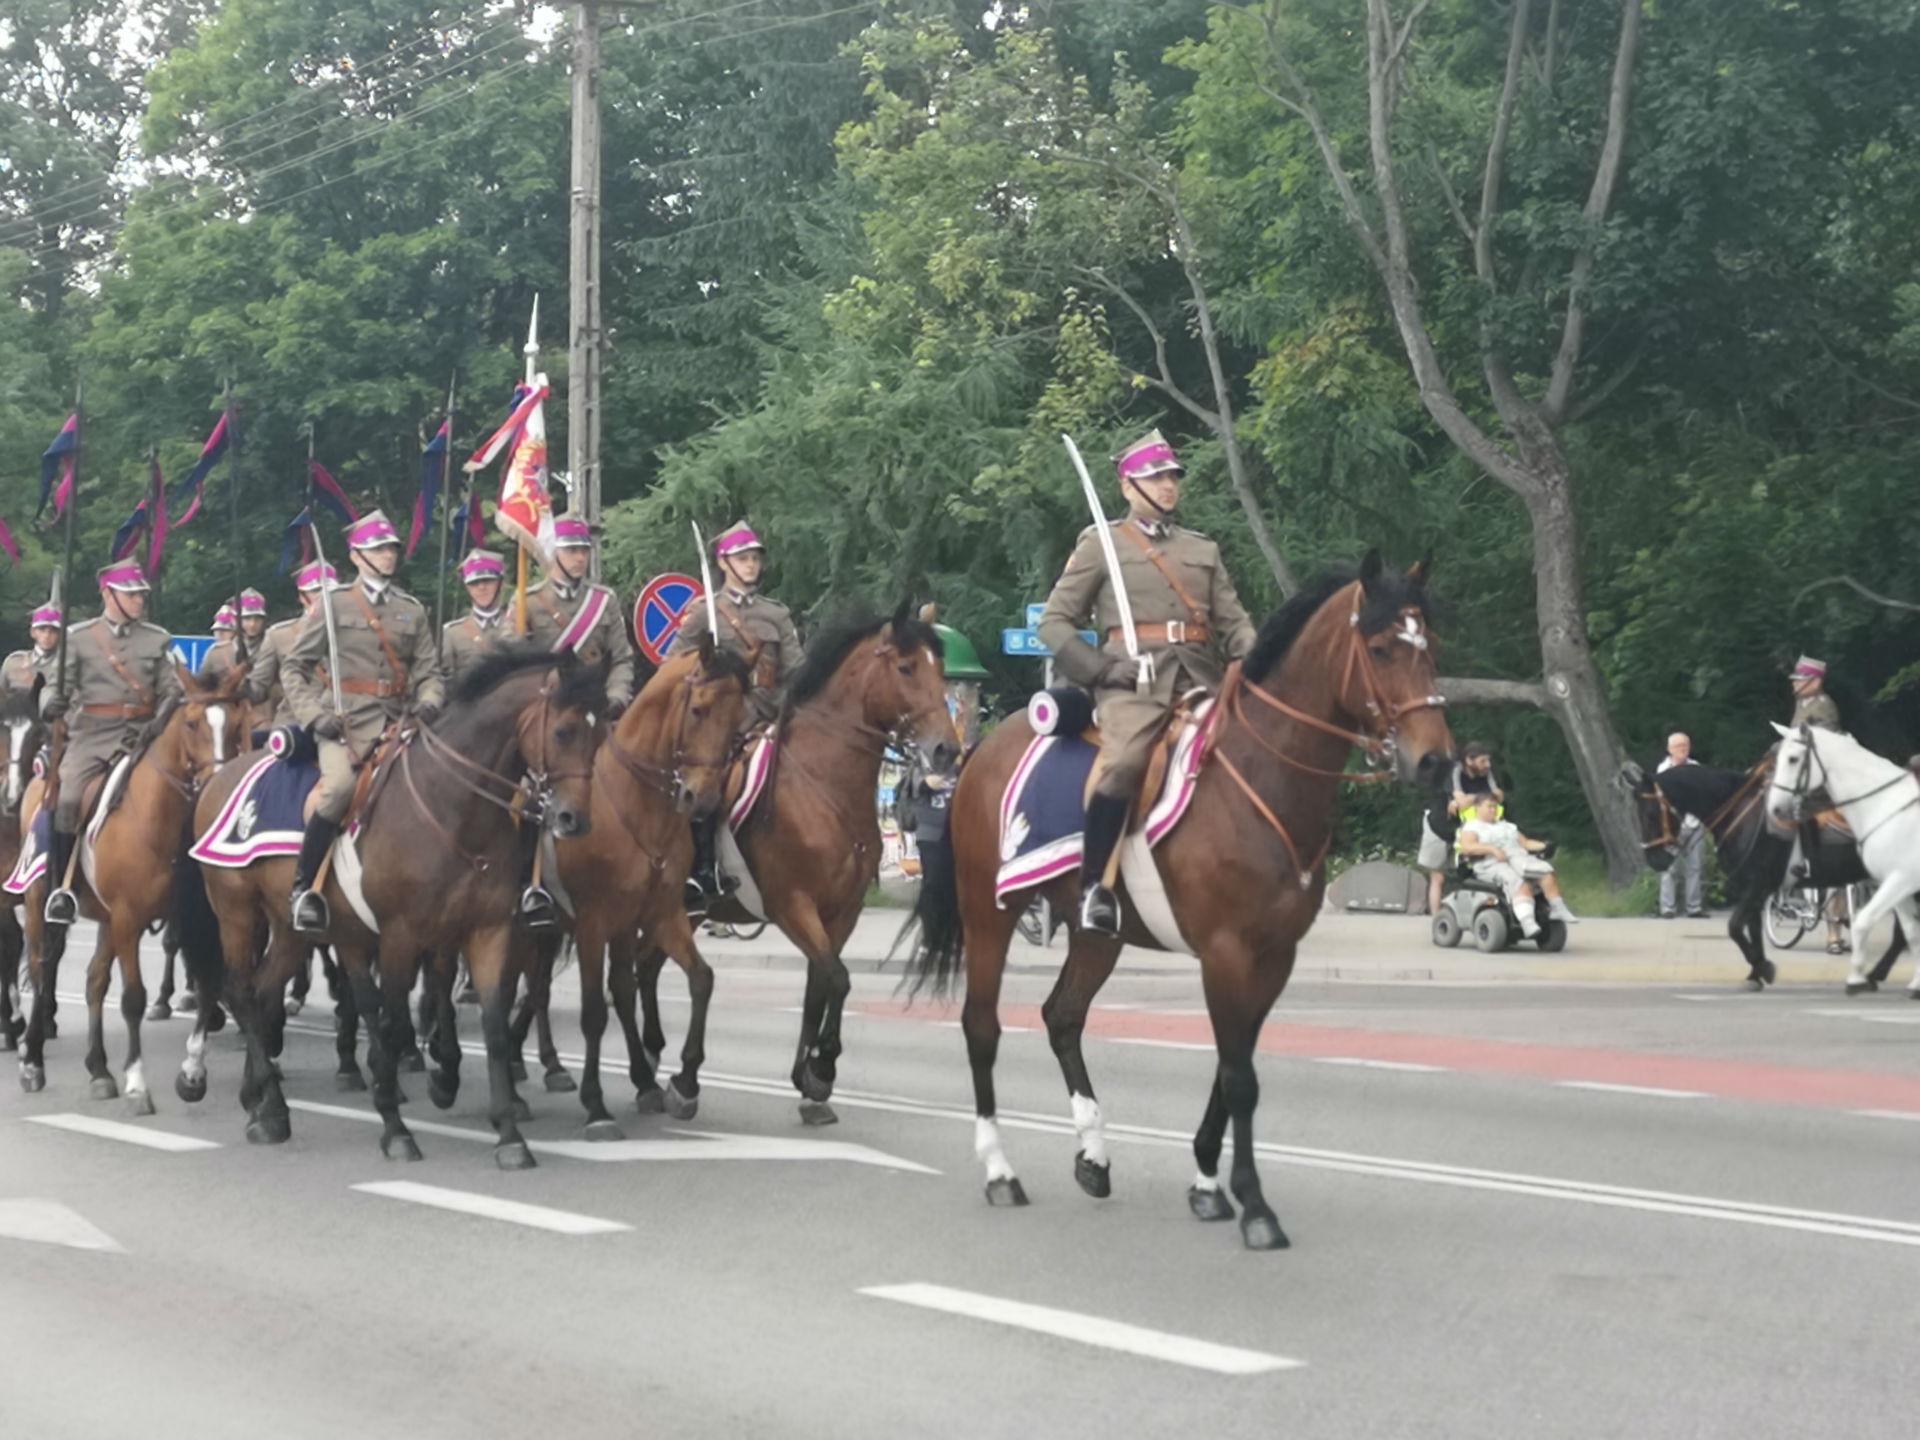 Parada z okazji obchodów 100-lecia przybycia 7 Pułku Ułanów Lubelskich do Mińska Mazowieckiego. Ulicą miasta jedzie zastęp kawalerii. Mężczyźni ubrani są w historyczne, zielone mundury, w rękach trzymają szable, na głowach mają rogatywki z fioletowym paskiem.